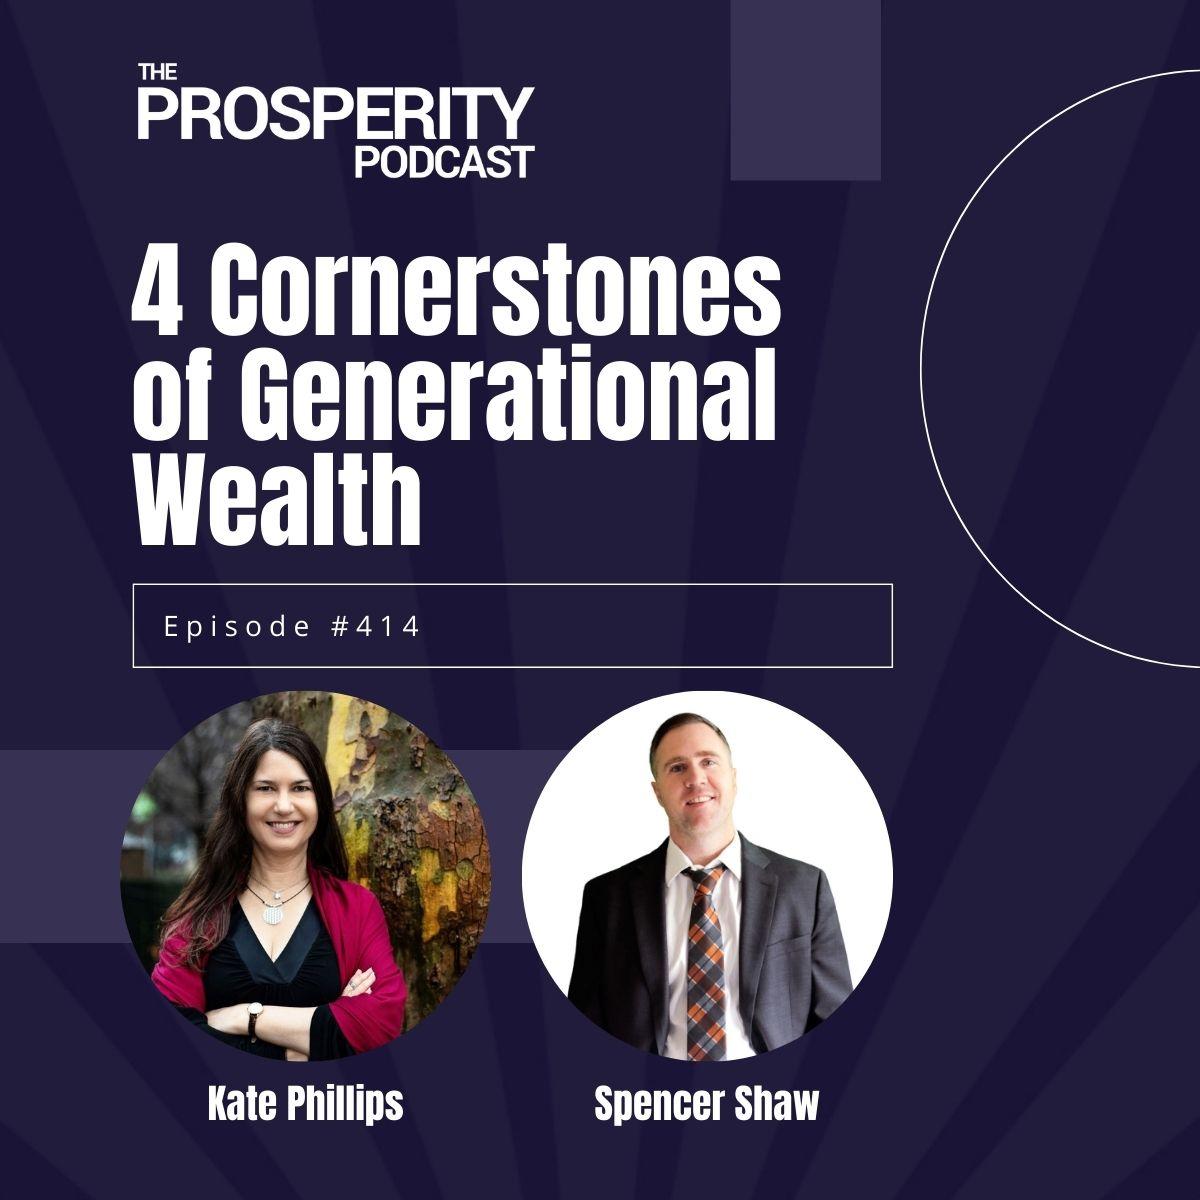 4 Cornerstones of Generational Wealth